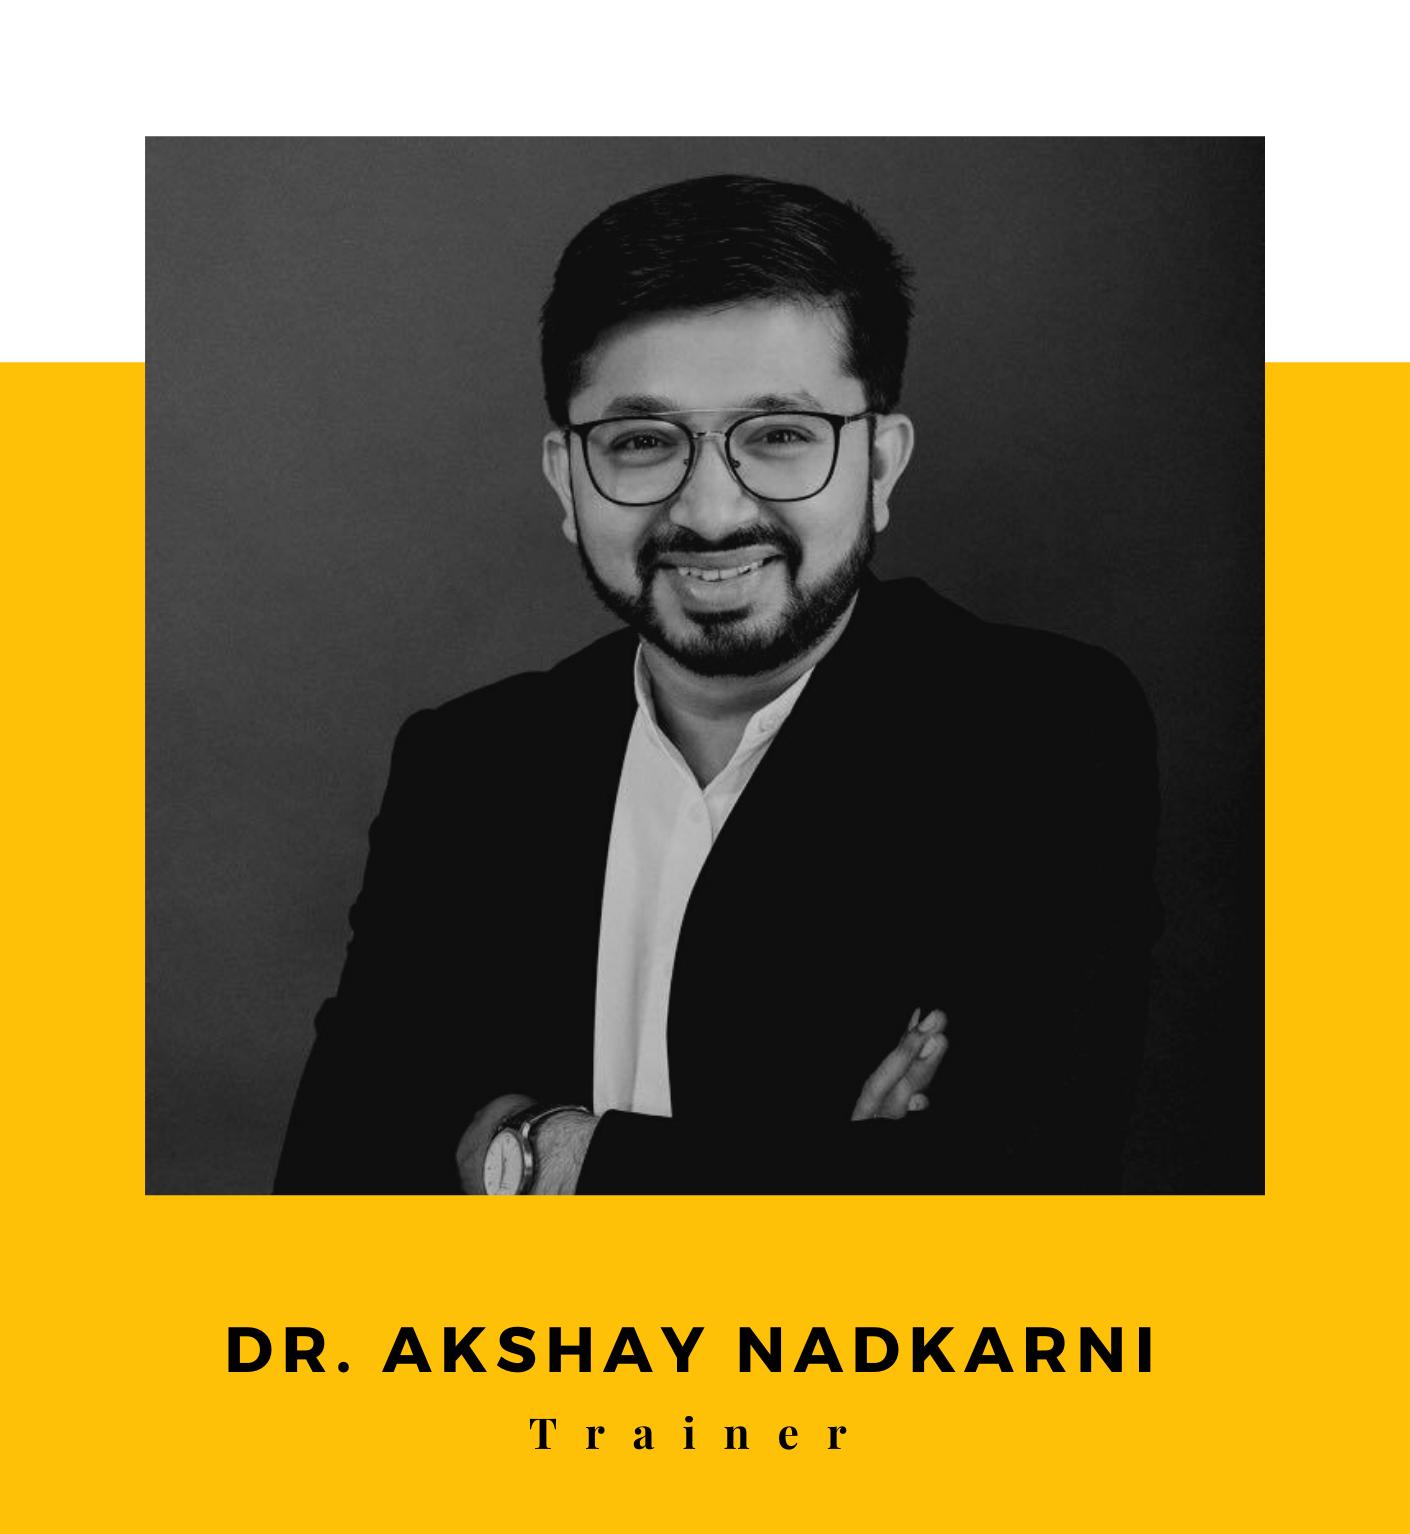 Dr. Akshay Nadkarni Popstar 1